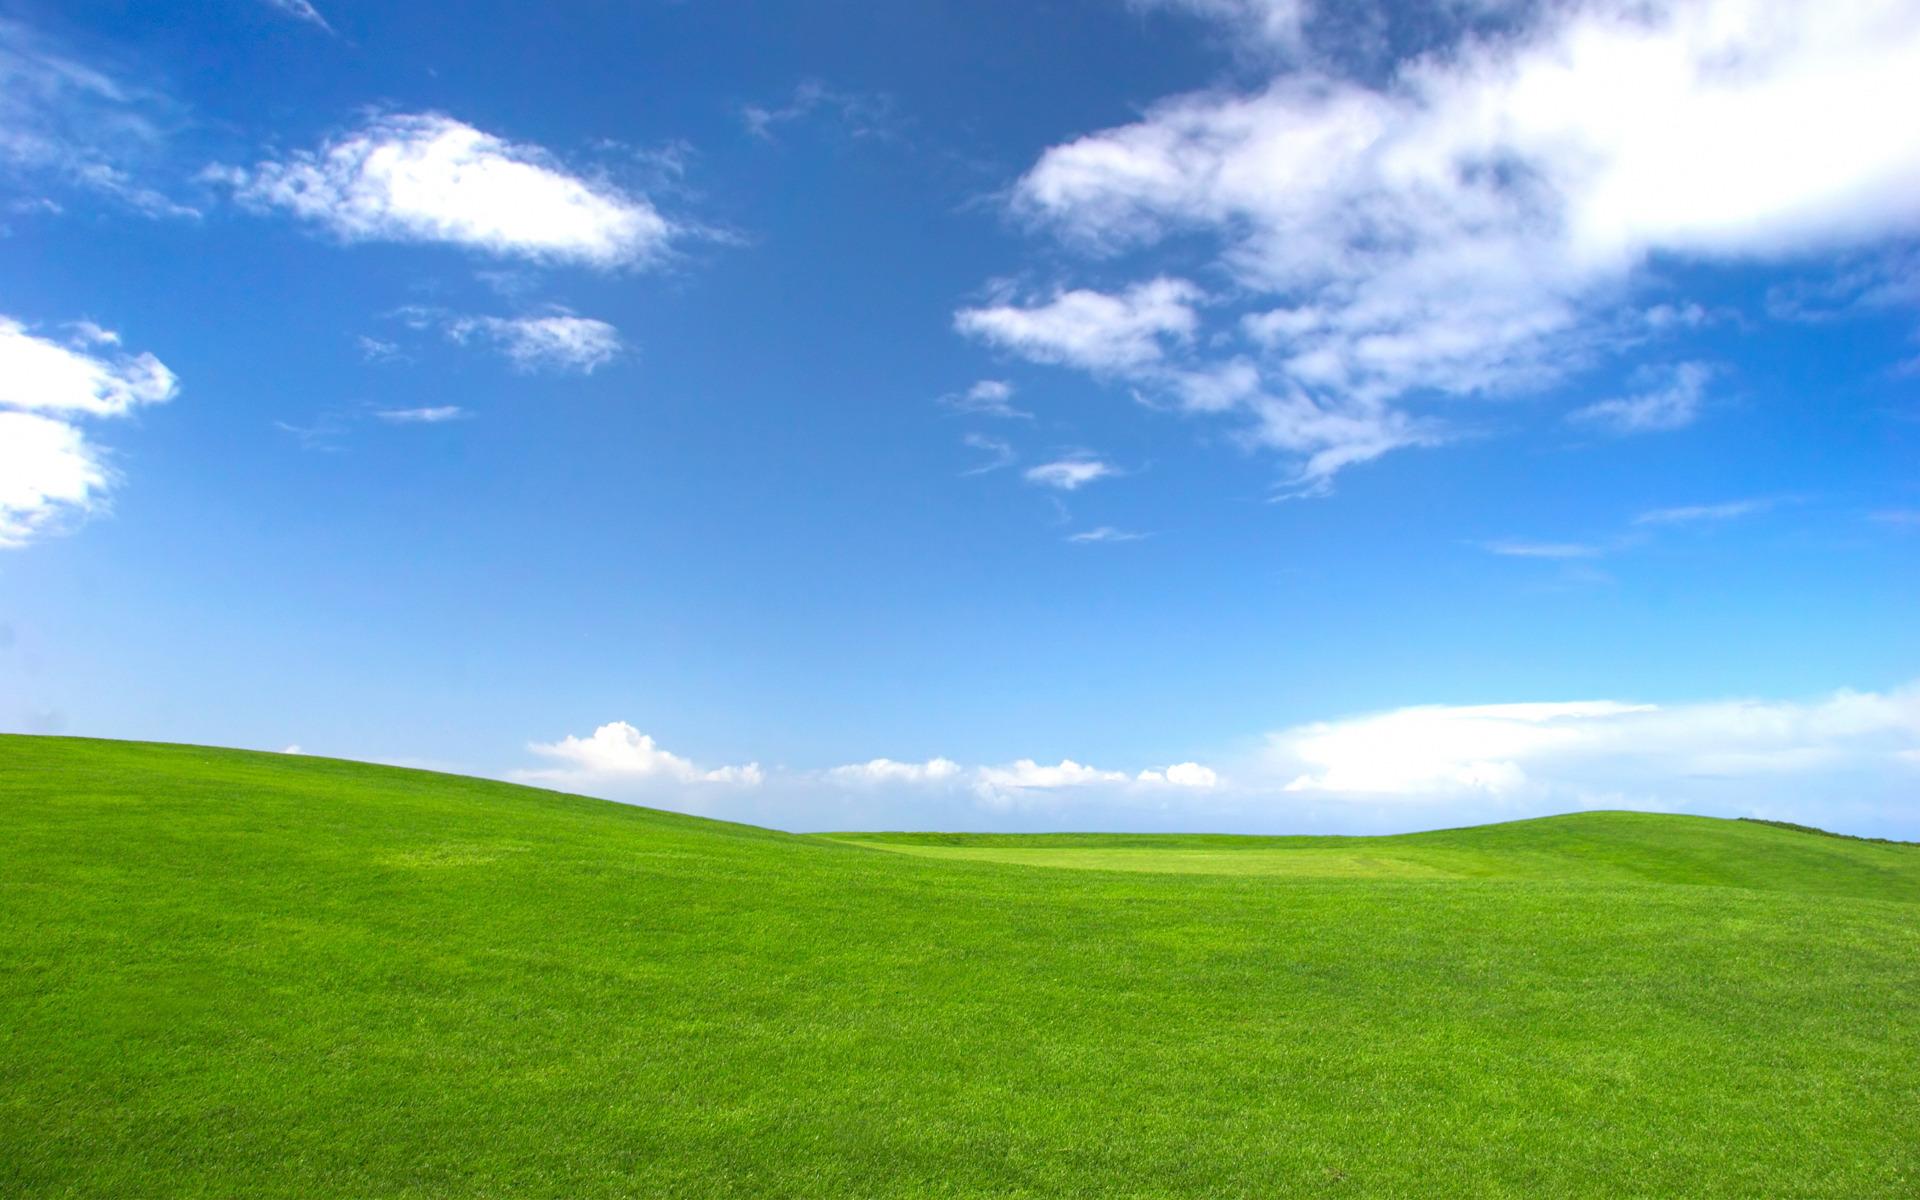 Sky Grass Wallpaper